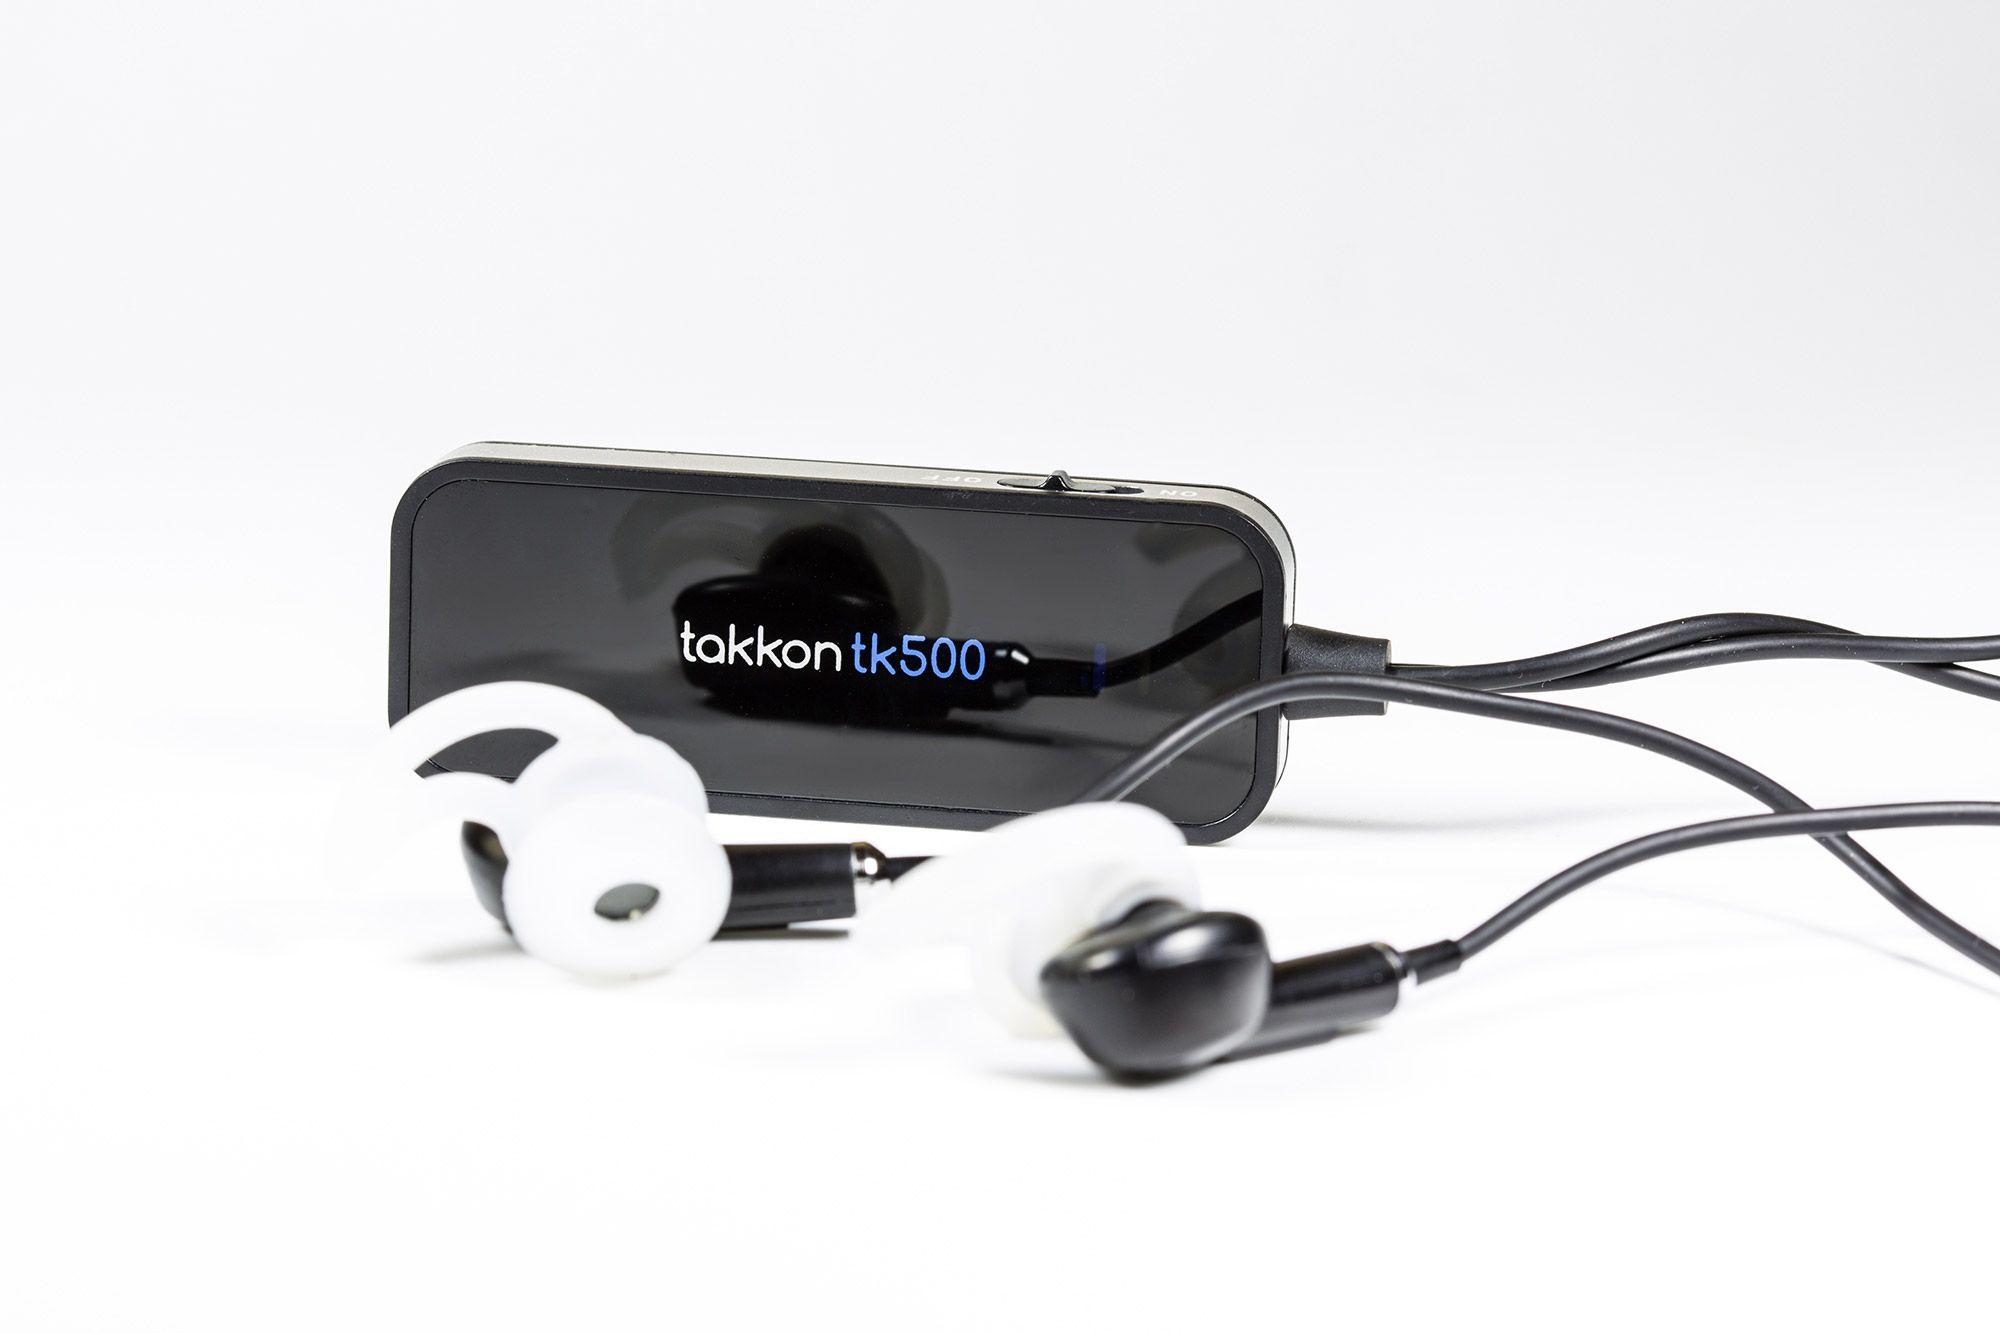 Takkon presenta un dispositivo para atenuar el impacto de los ronquidos